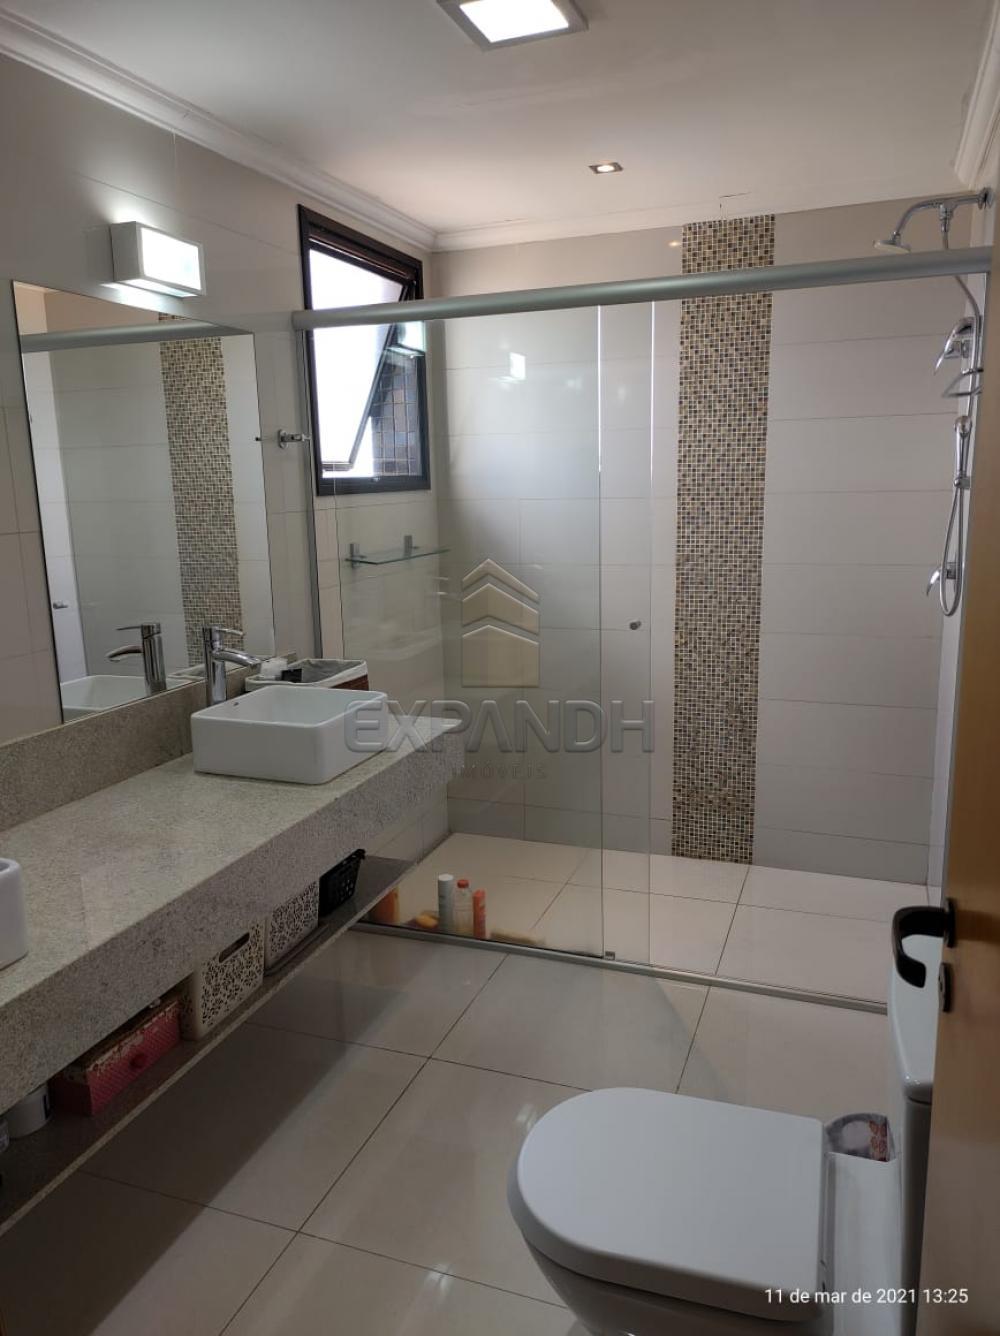 Comprar Apartamentos / Padrão em Sertãozinho R$ 590.000,00 - Foto 21